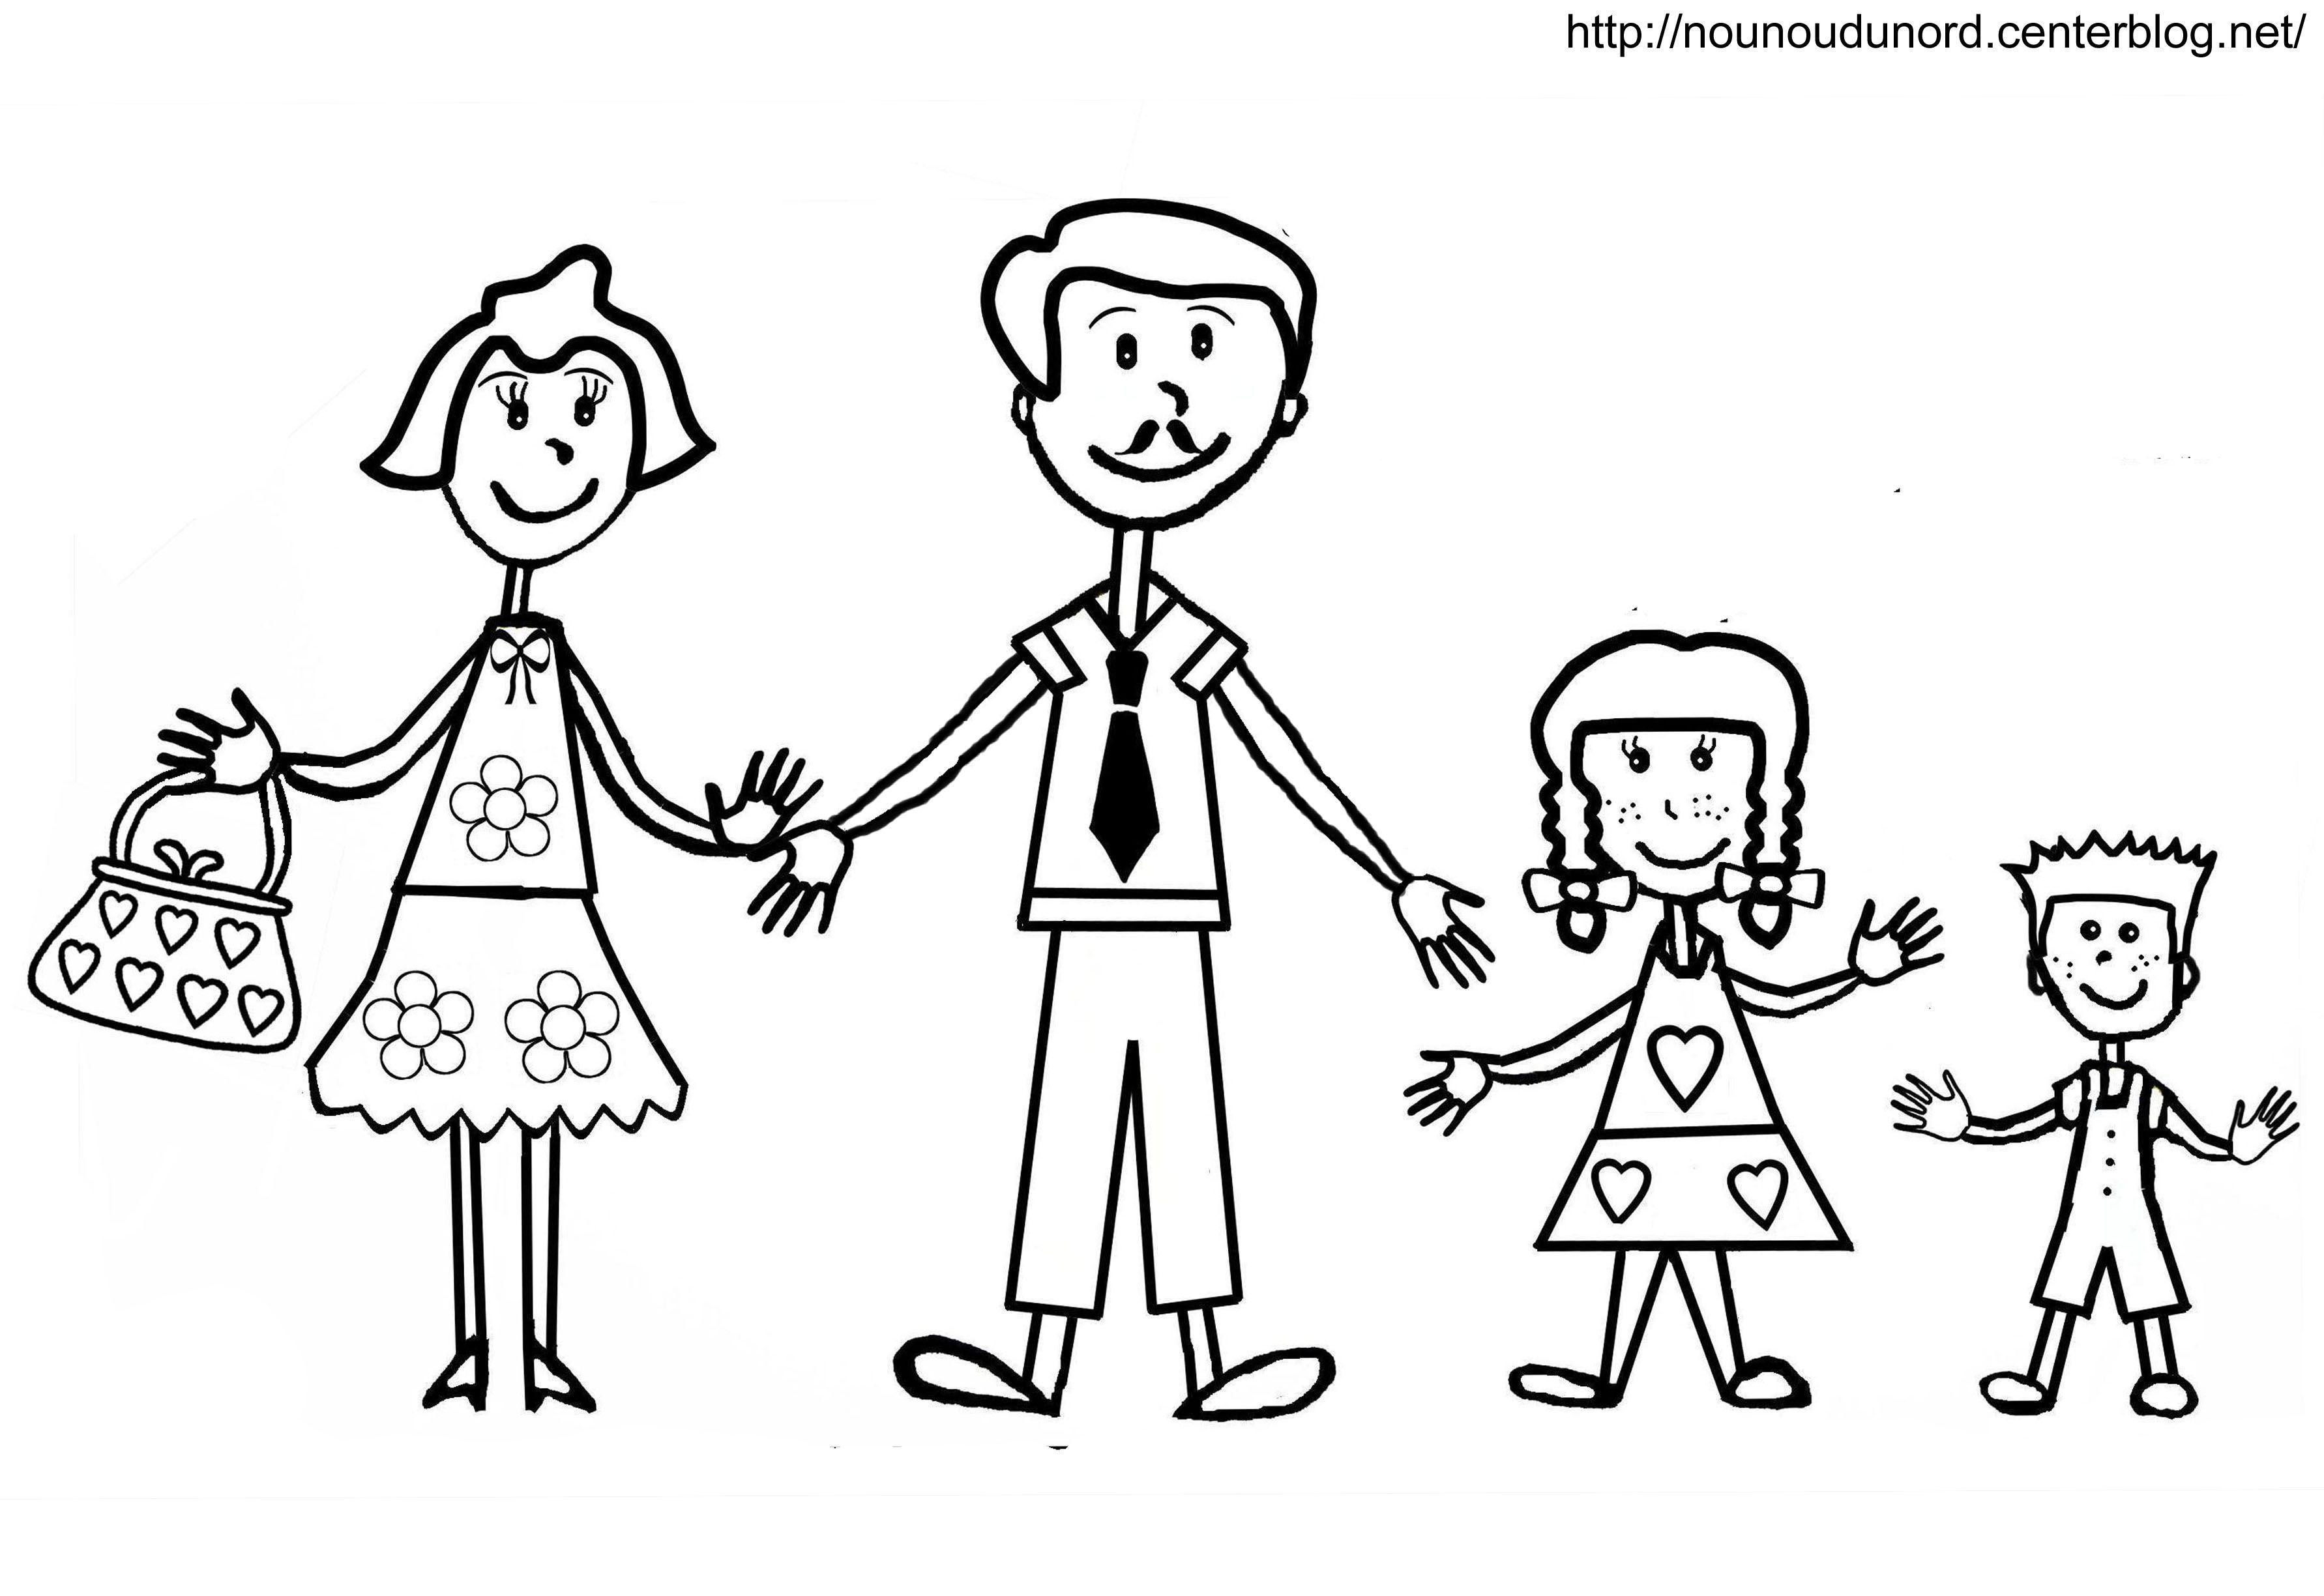 Coloriage maman papa et les enfants par nounoudunord - Coloriage de maman ...